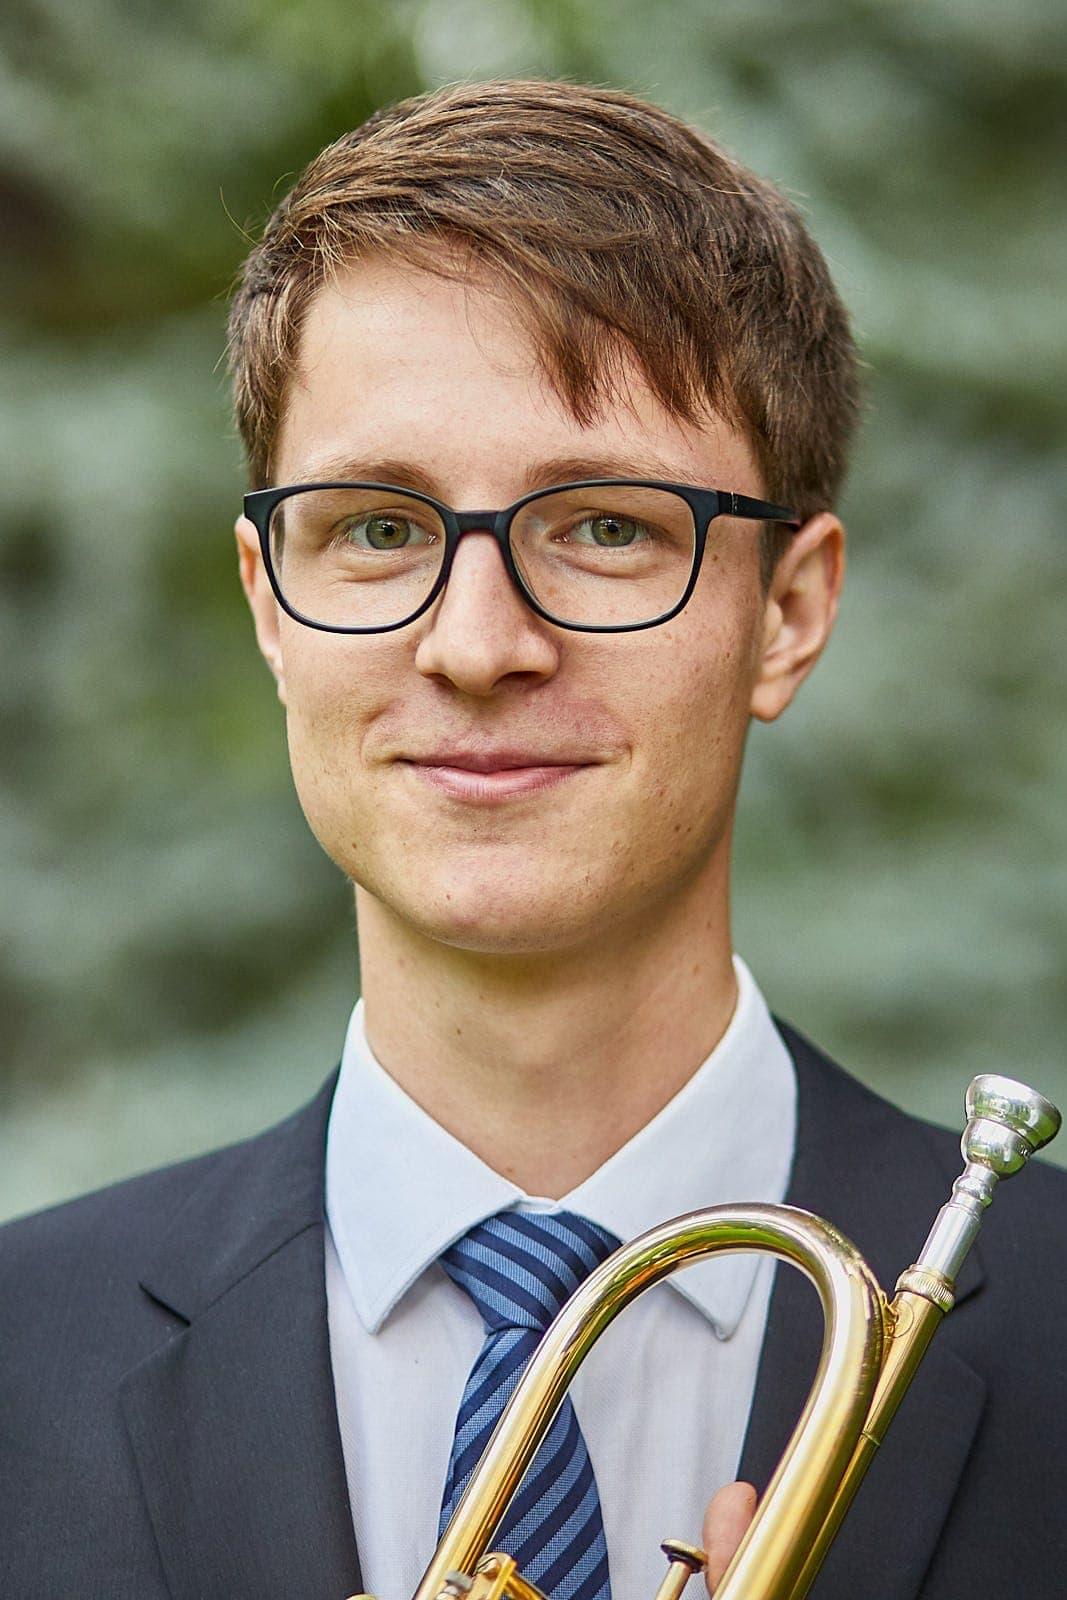 Felix Schauren